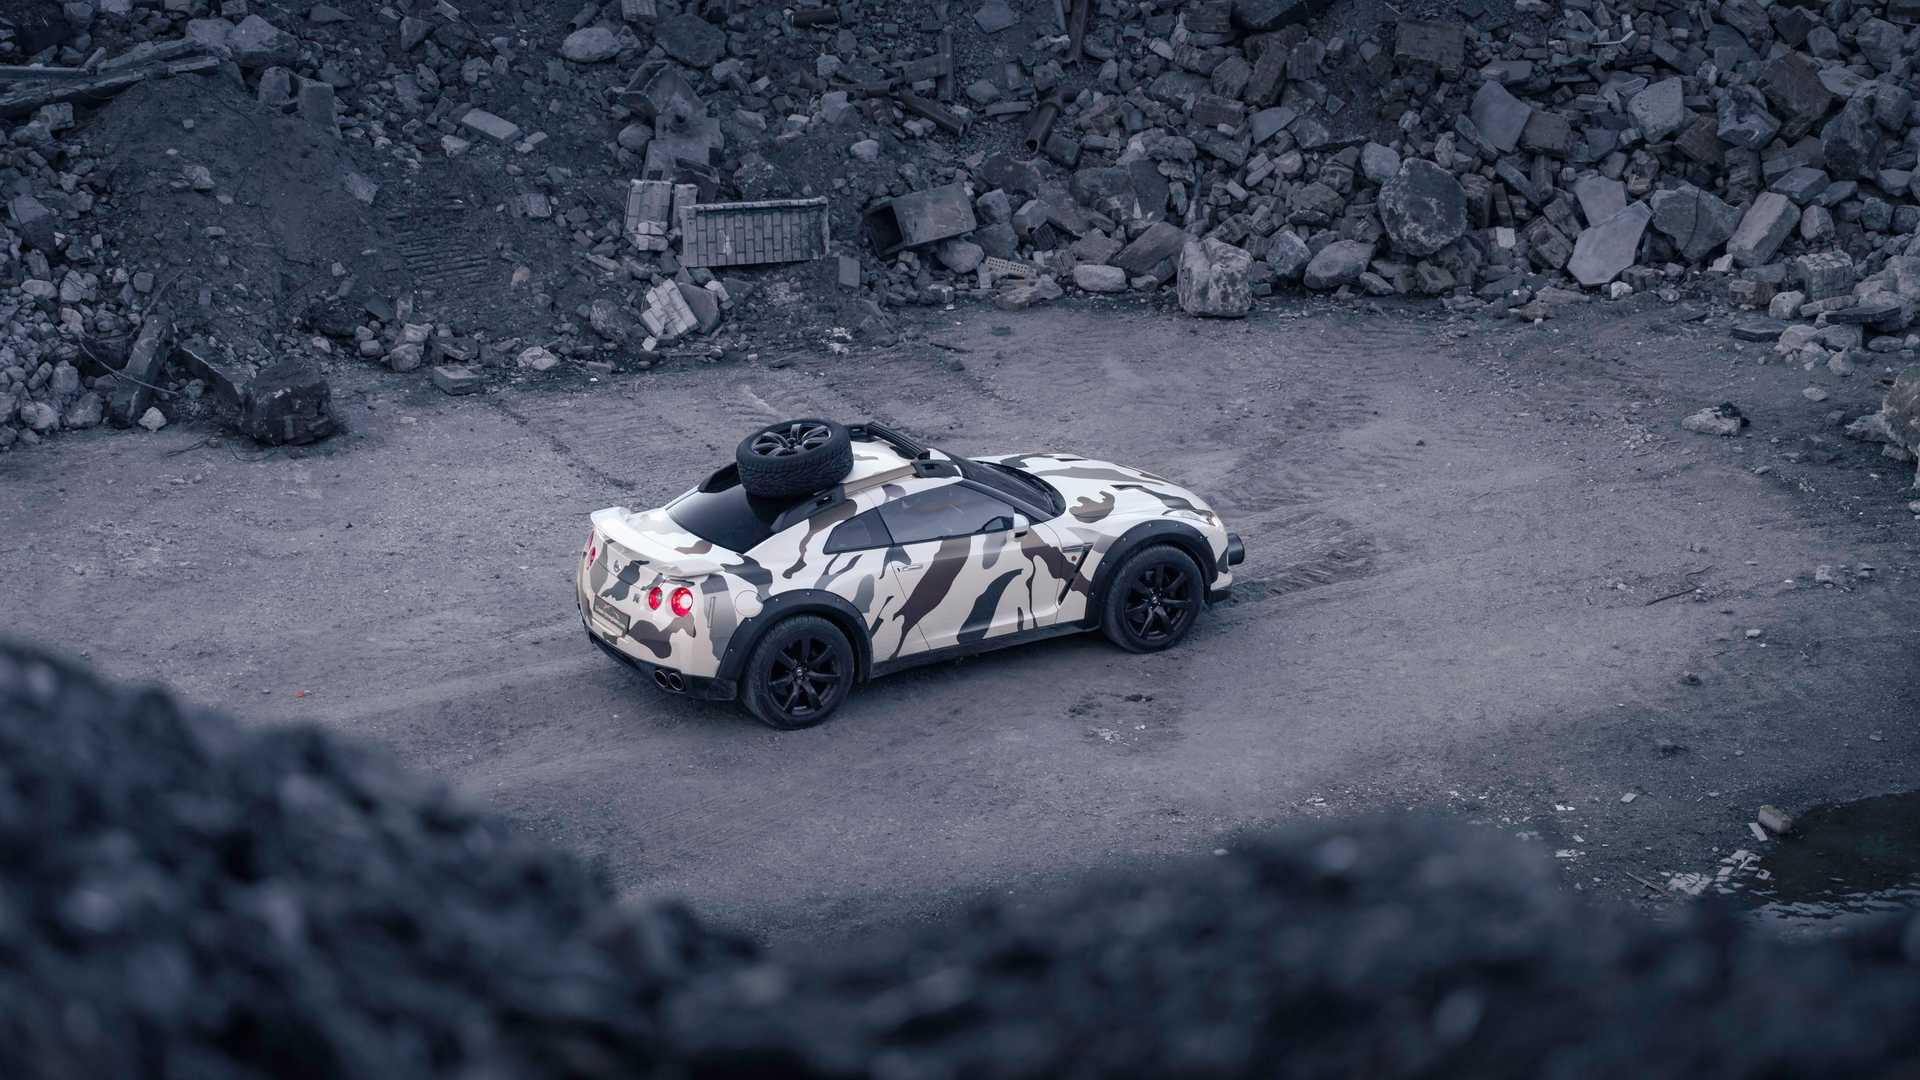 Nissan-GT-R-Offroad-Godzilla-2.0-23